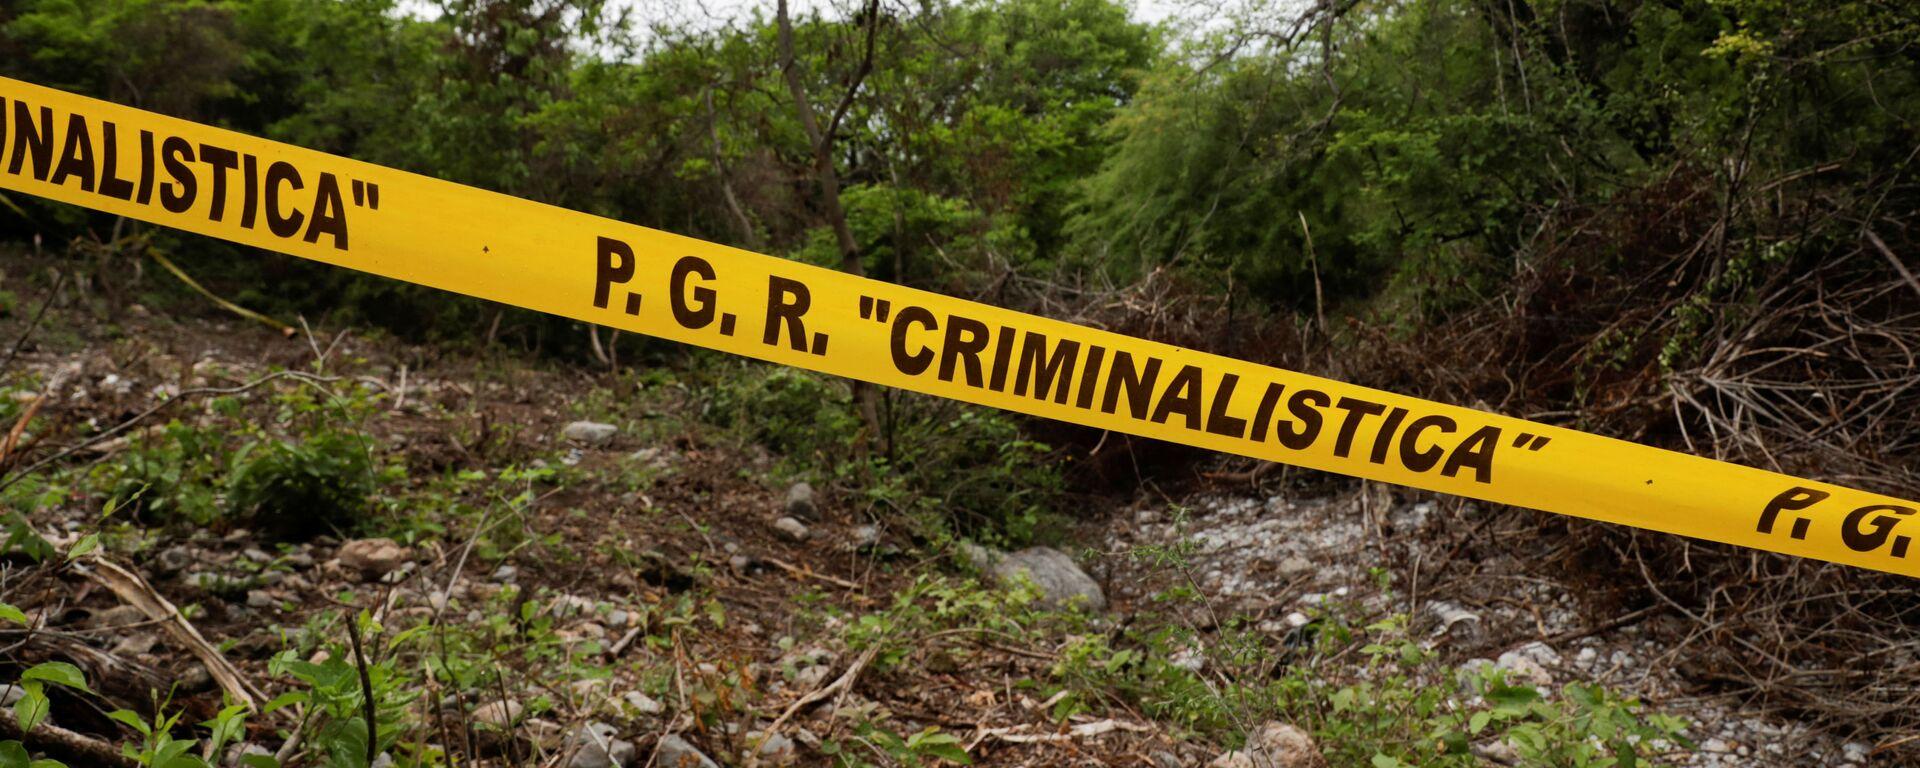 Barranca del Carnicero, lugar donde encontraron los restos de Christian Alfonso Rodríguez, uno de los 43 estudiantes desaparecidos de Ayotzinapa - Sputnik Mundo, 1920, 25.07.2020